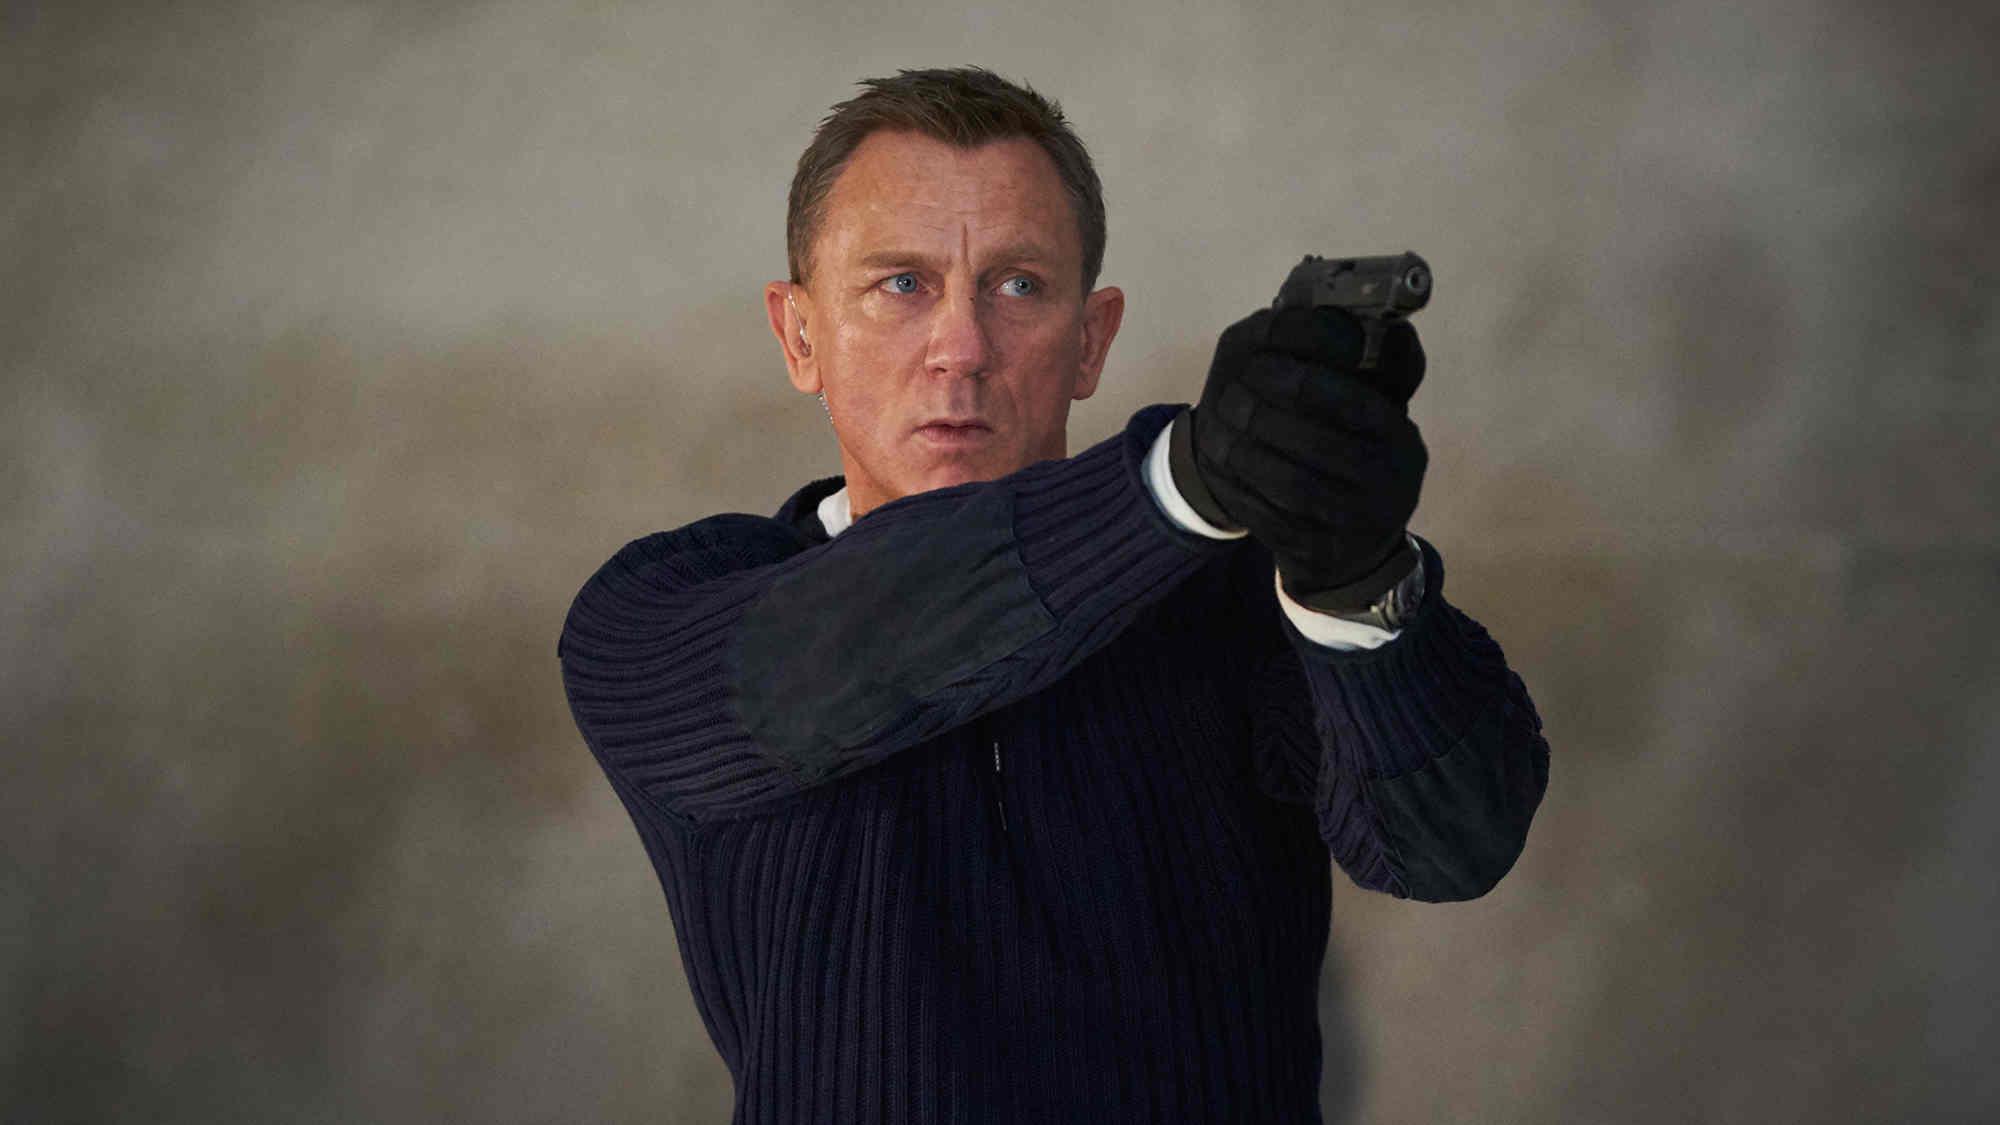 Phim James Bond có thể phát hành trực tuyến nếu Apple hoặc Netflix chịu chi 600 triệu USD